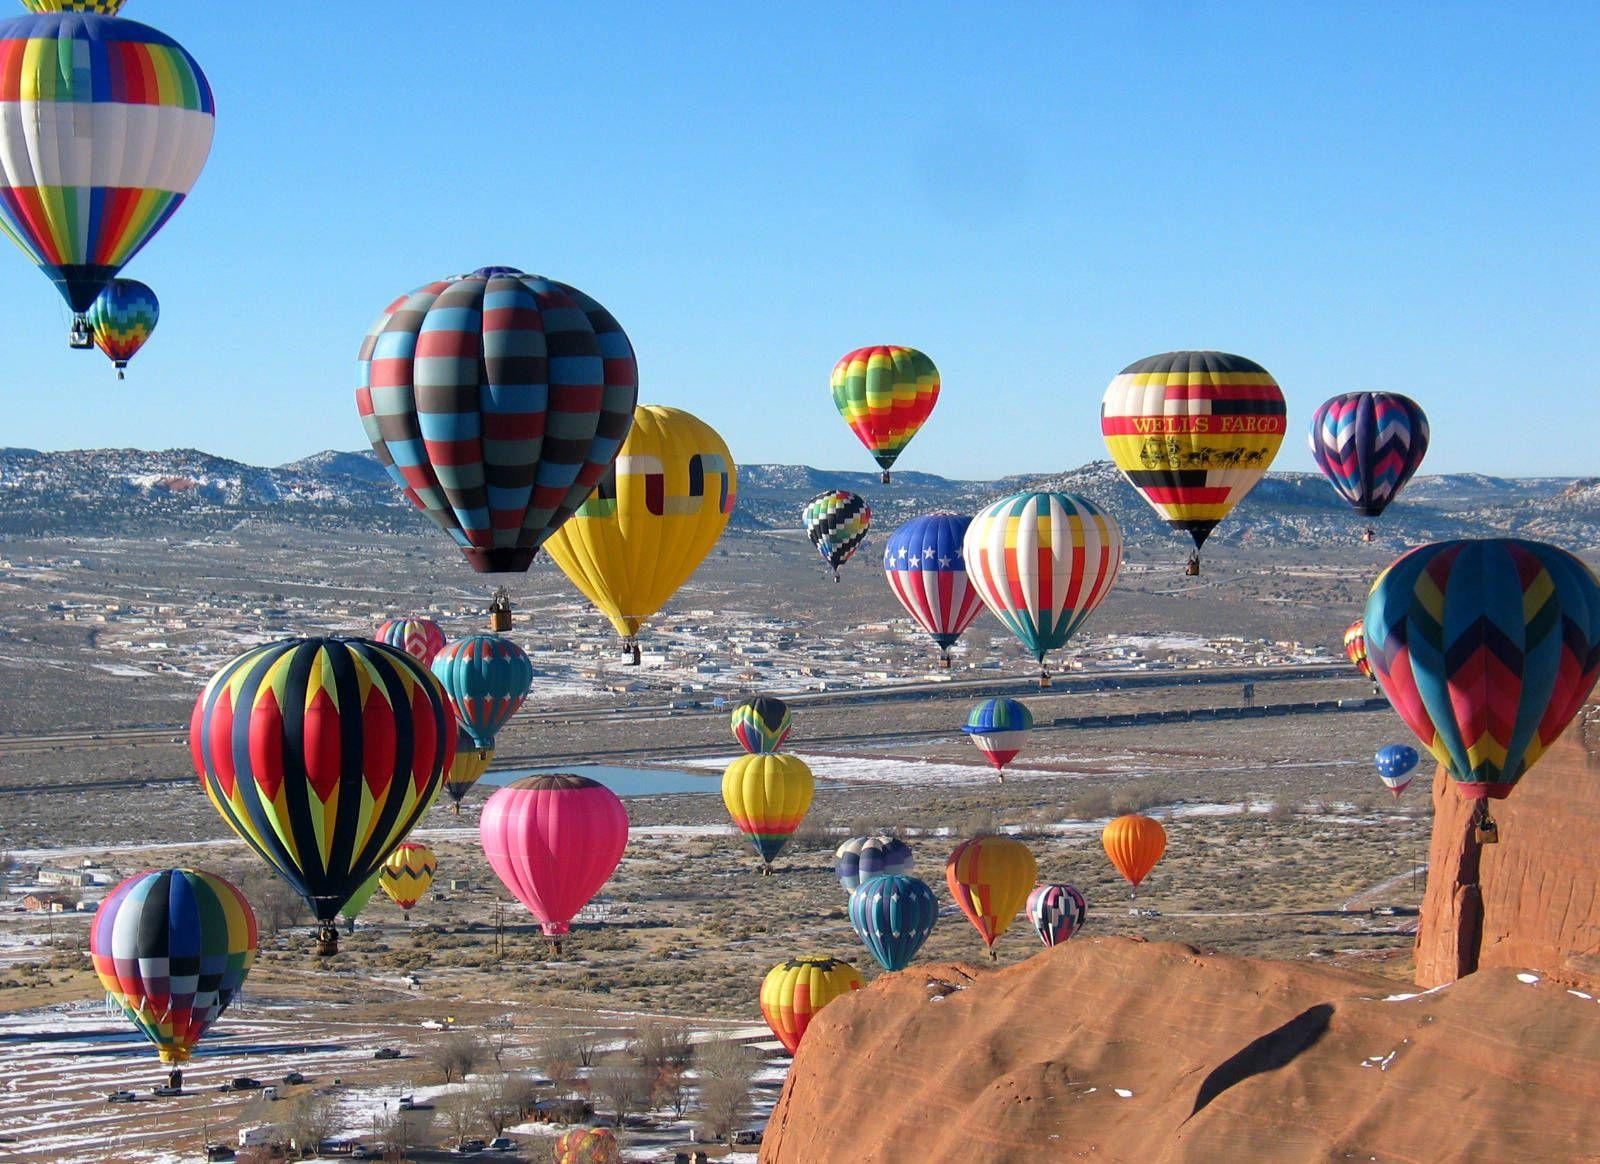 Albuquerque New Mexico hot air balloon festival Hot air